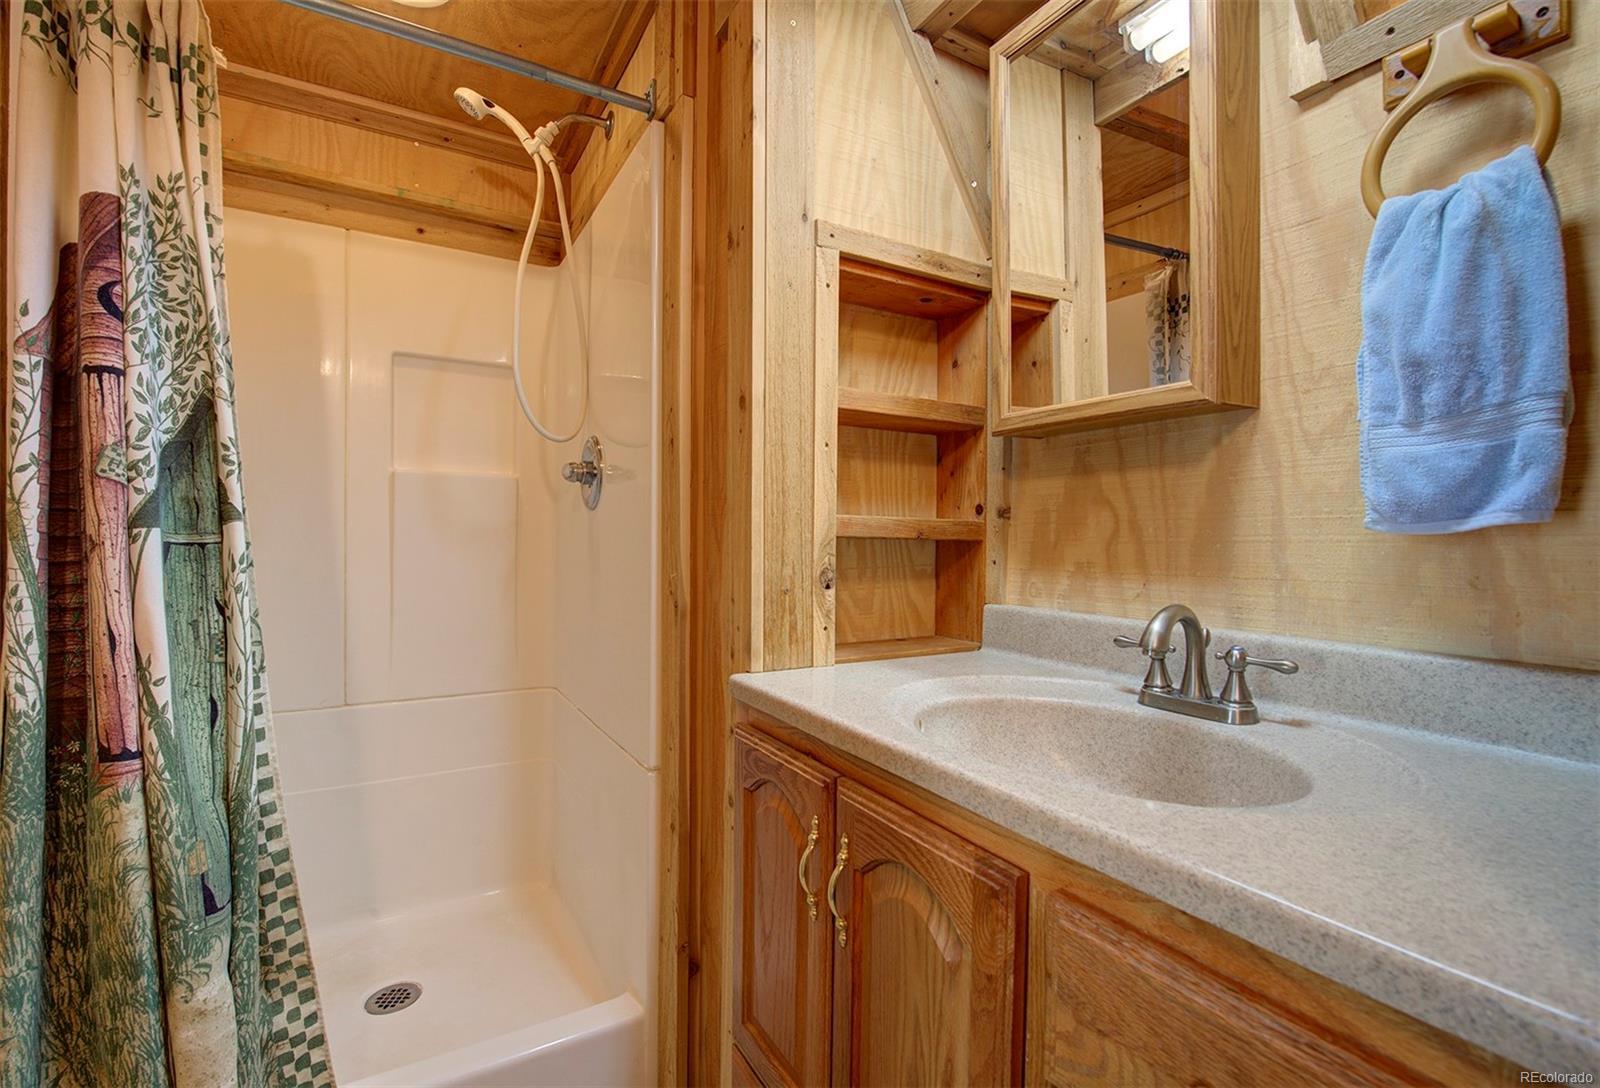 3/4 bathroom of barn